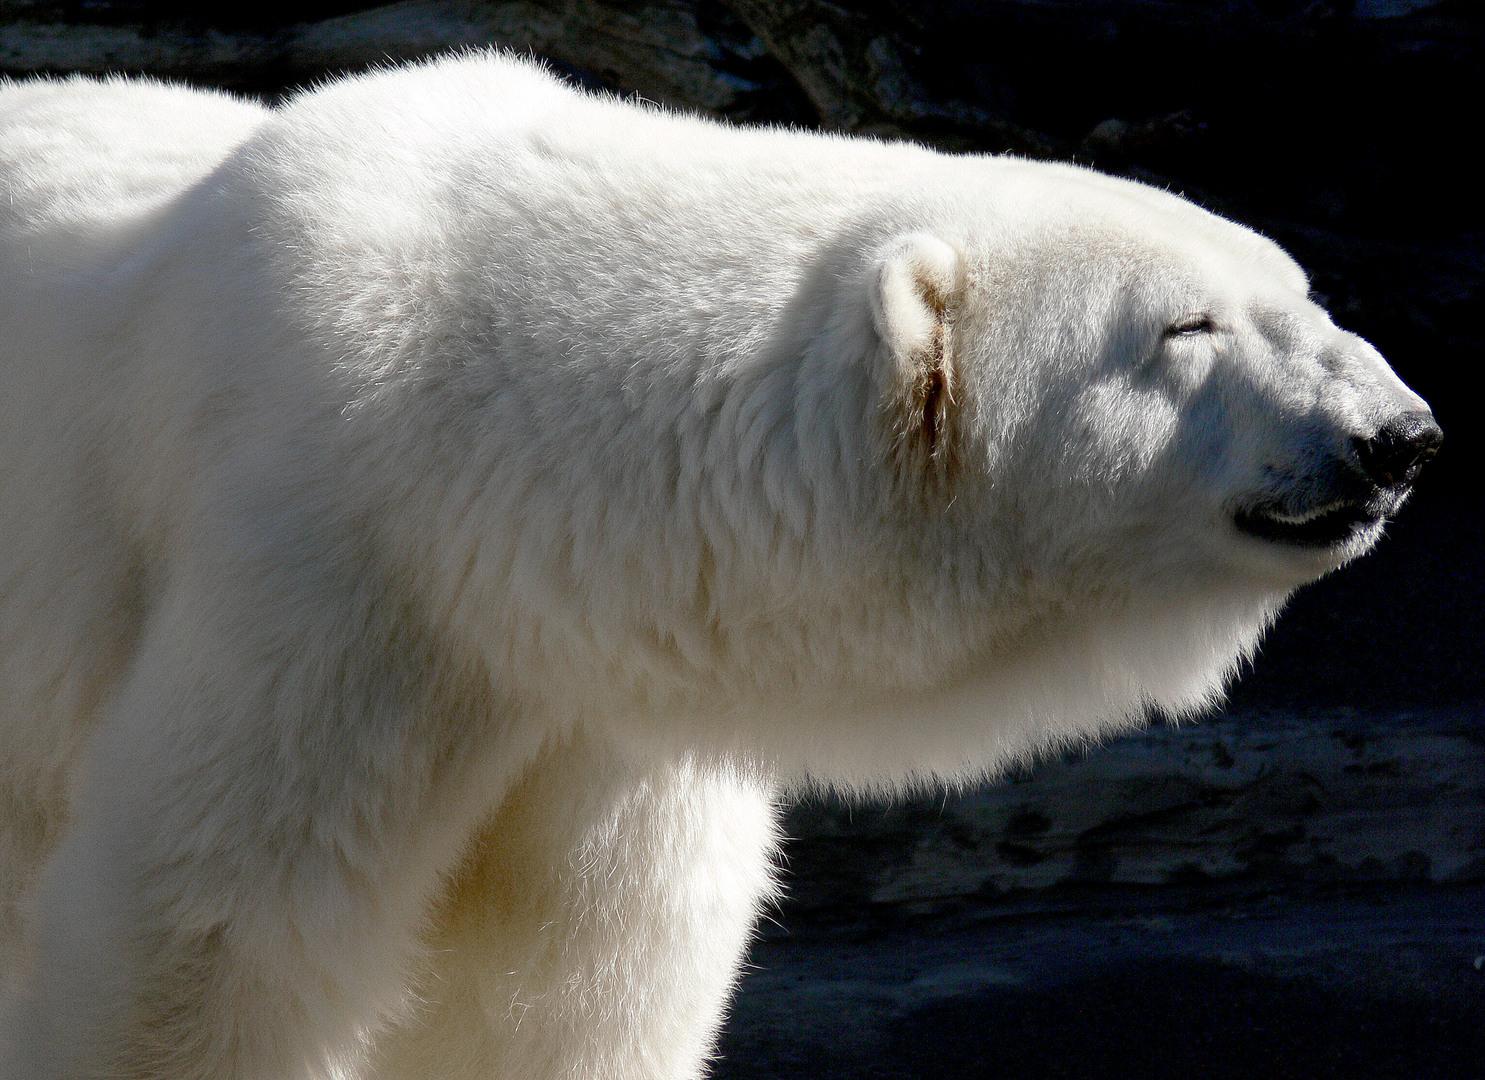 Beautiful Wallpapers: Polar Bear Wallpaper